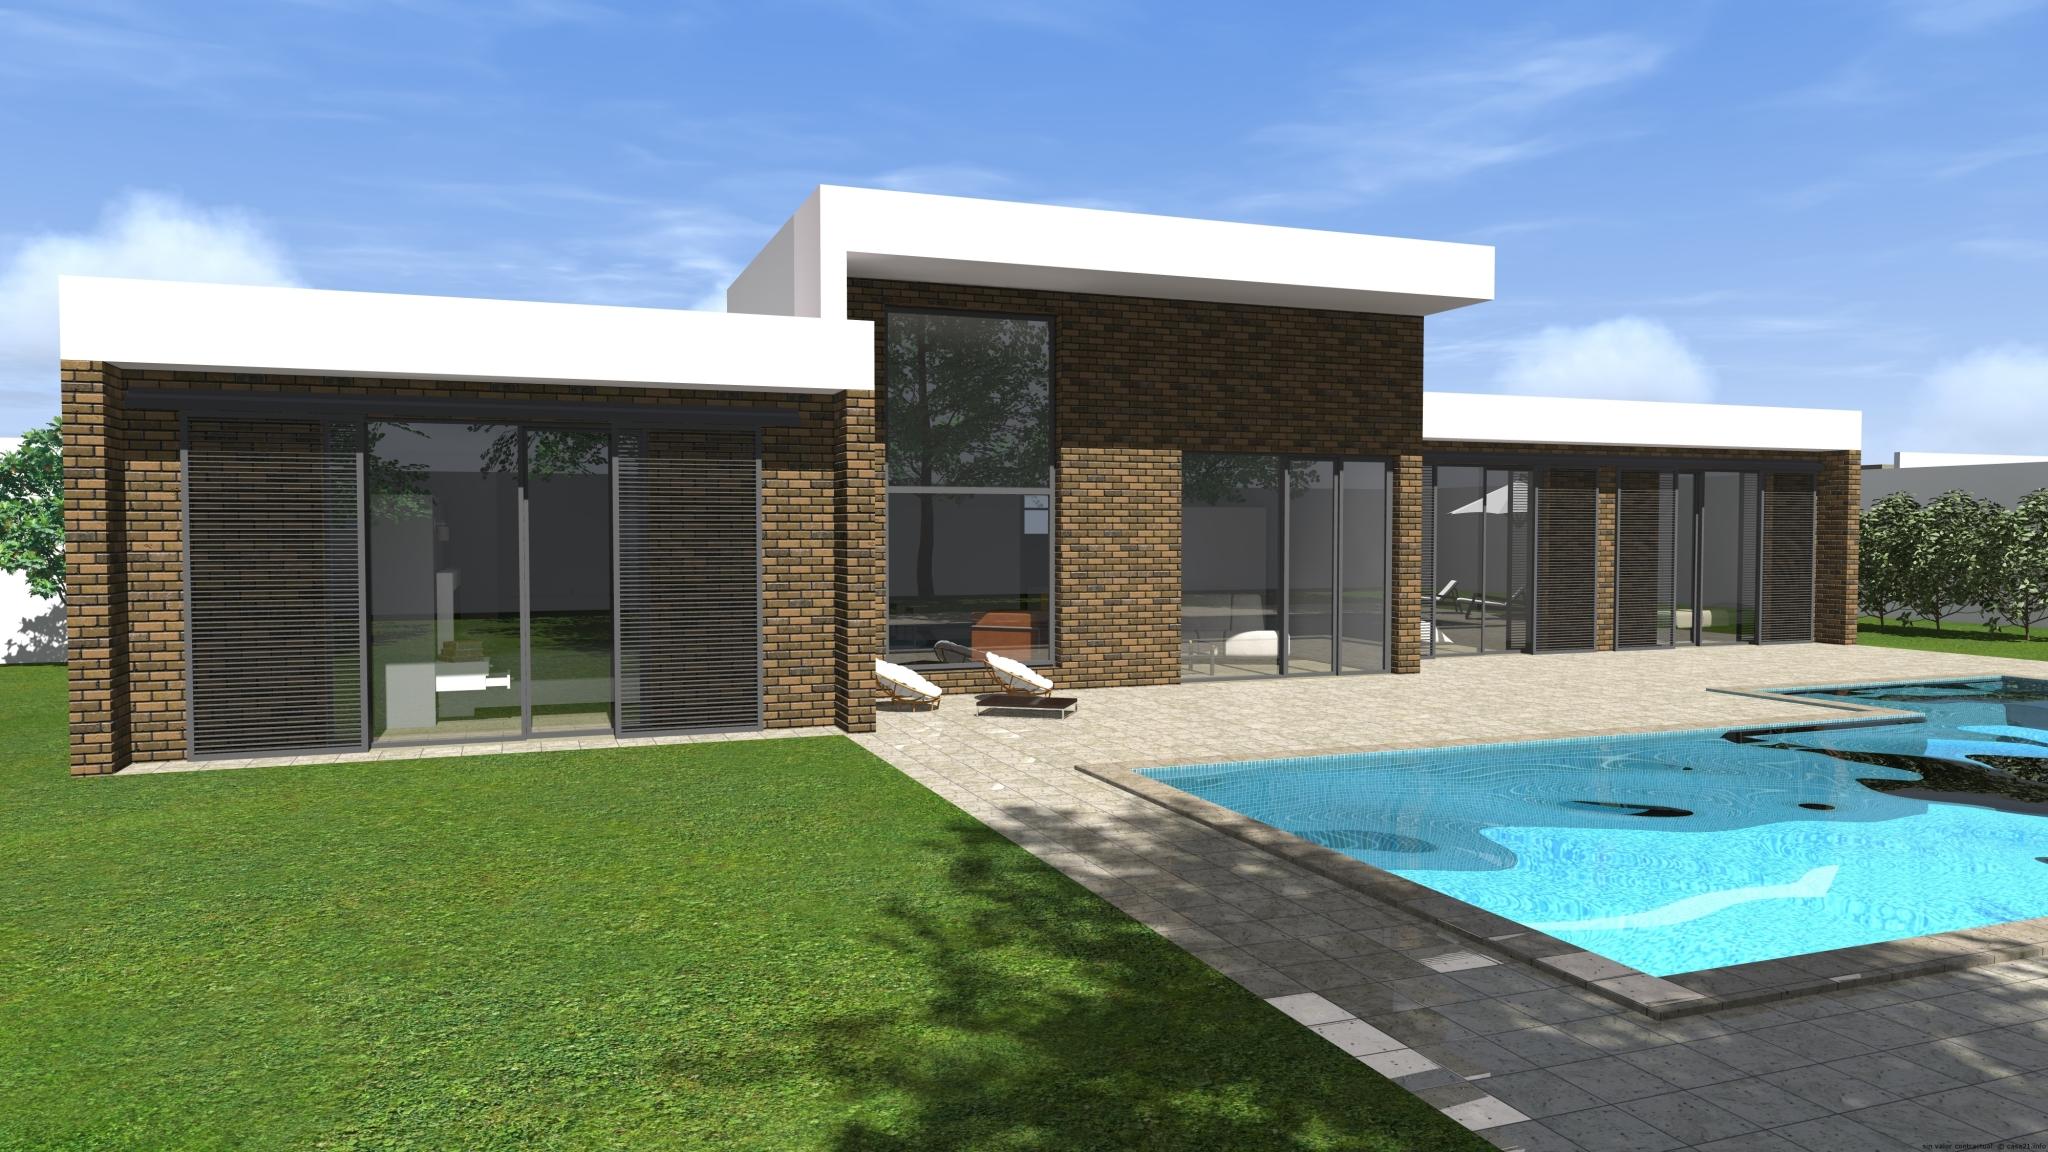 Casa de dise o moderno miraflores for Proyecto chalet moderno